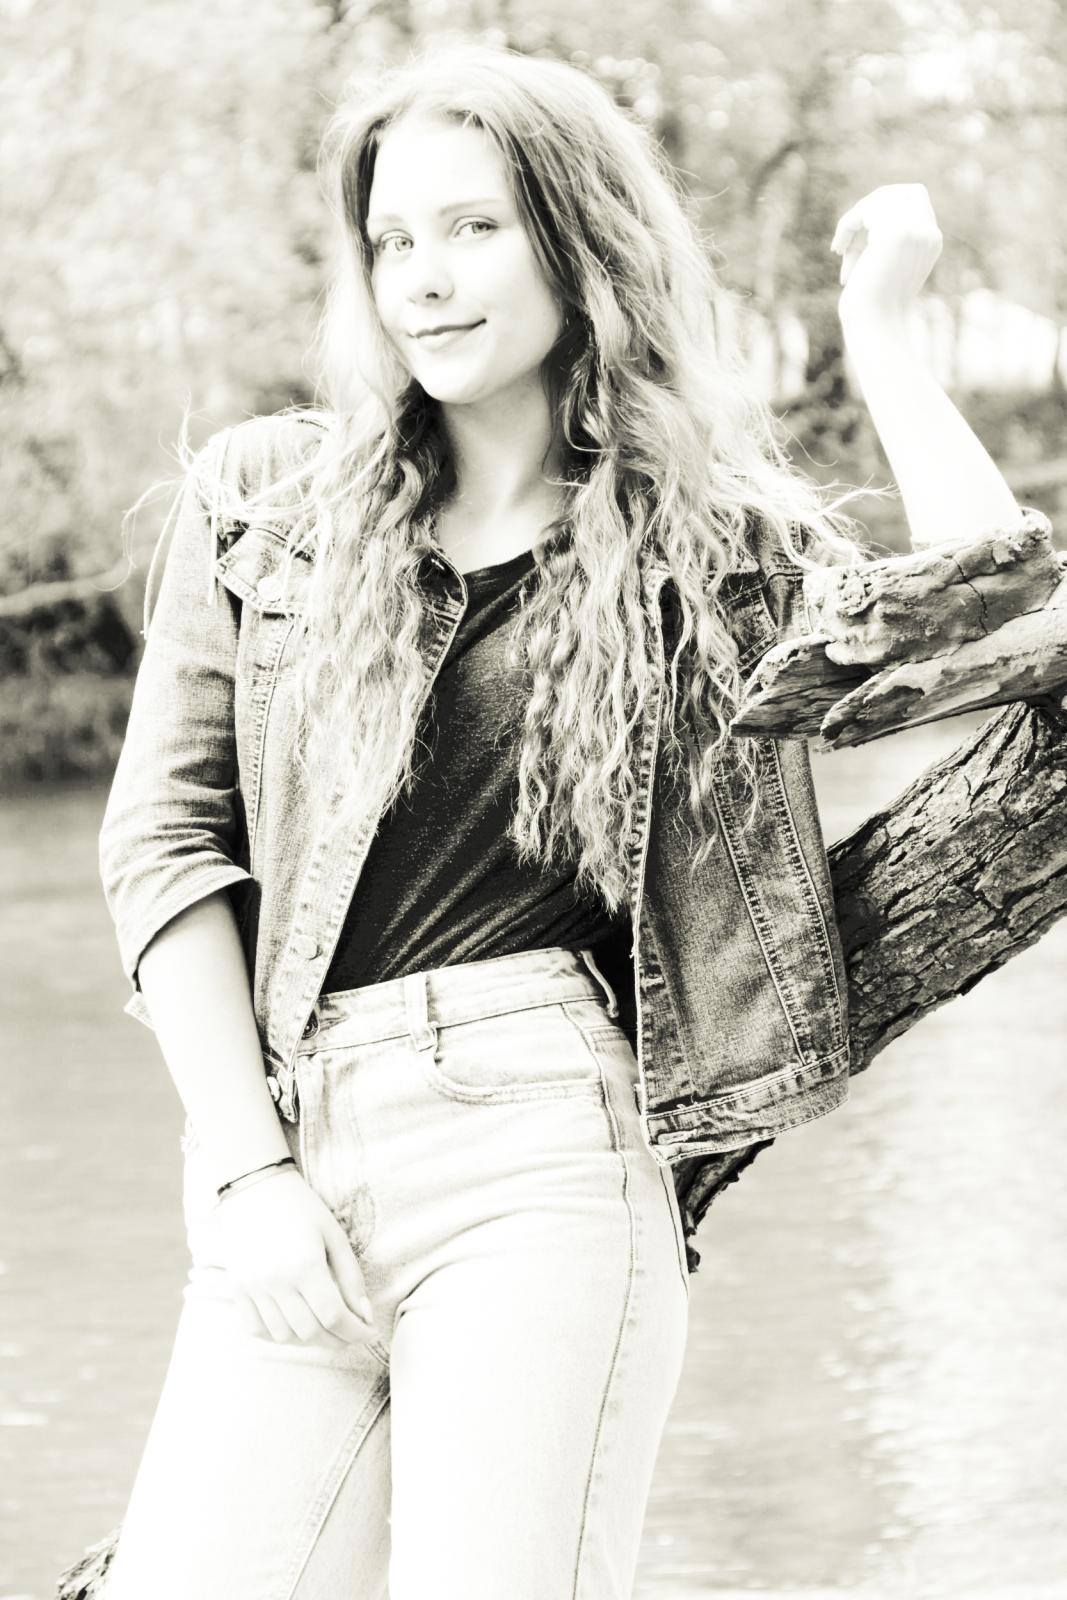 Zdjęcie profilowe wykonawczyni zespołu Prink Girls